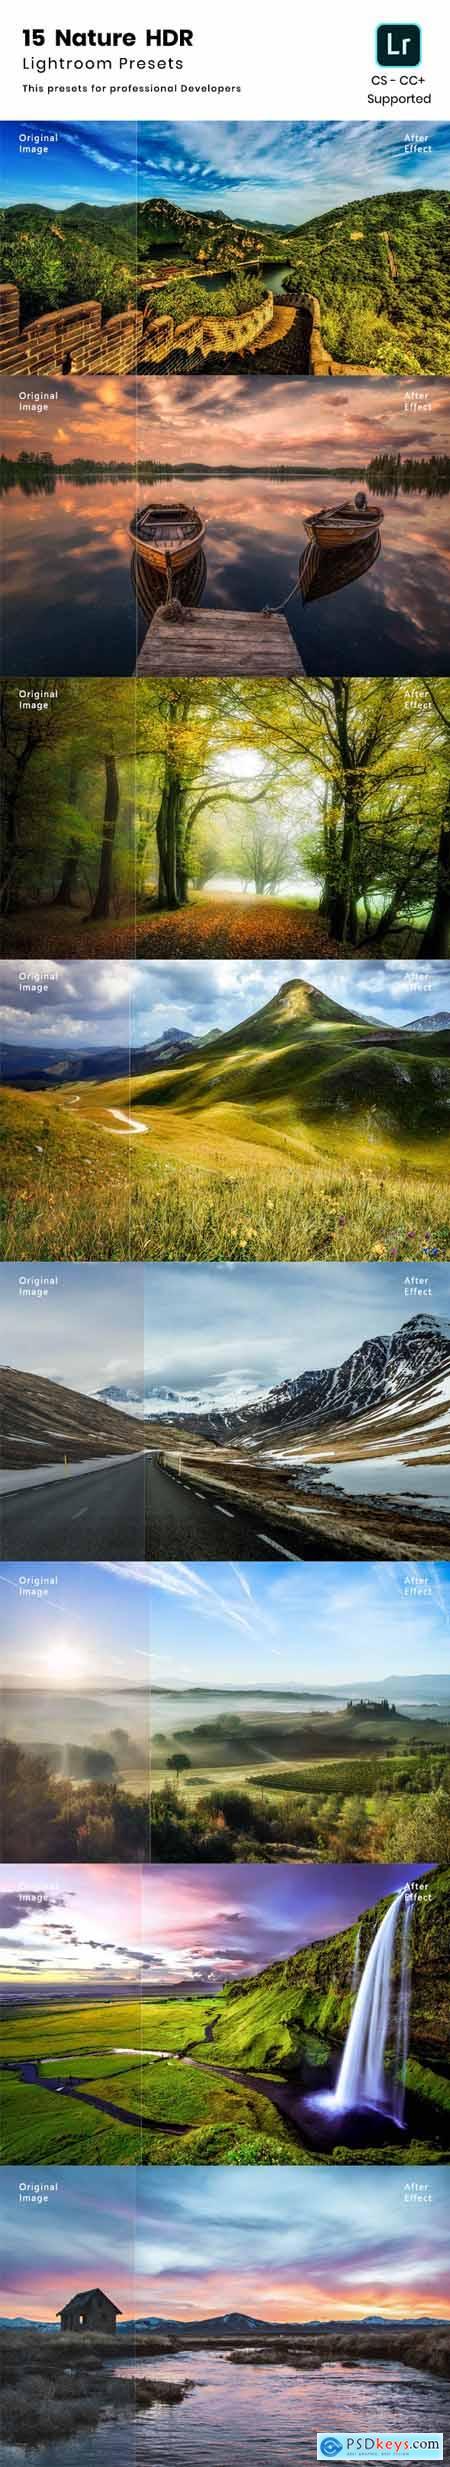 15 Nature HDR Lightroom preset 23973019